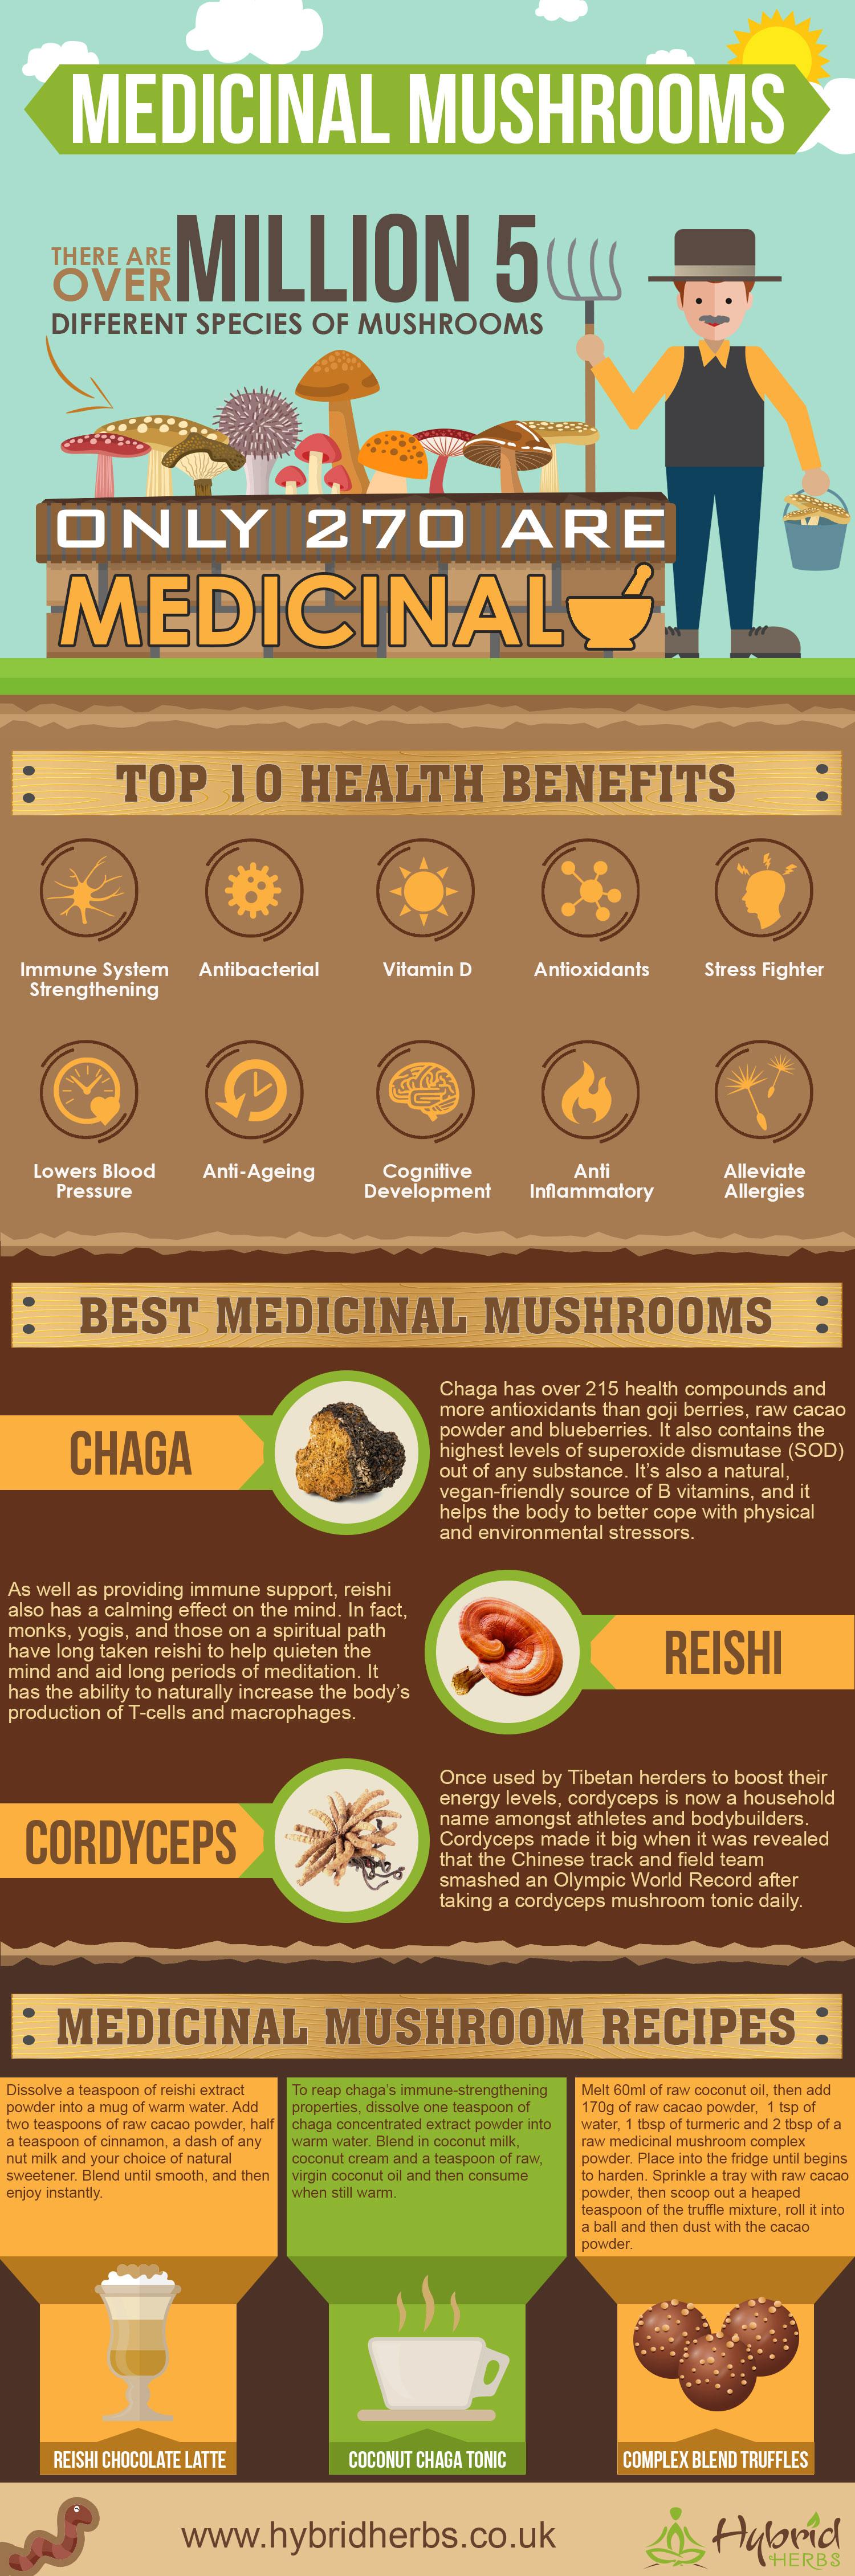 medicinal-mushroom-benefits.jpg